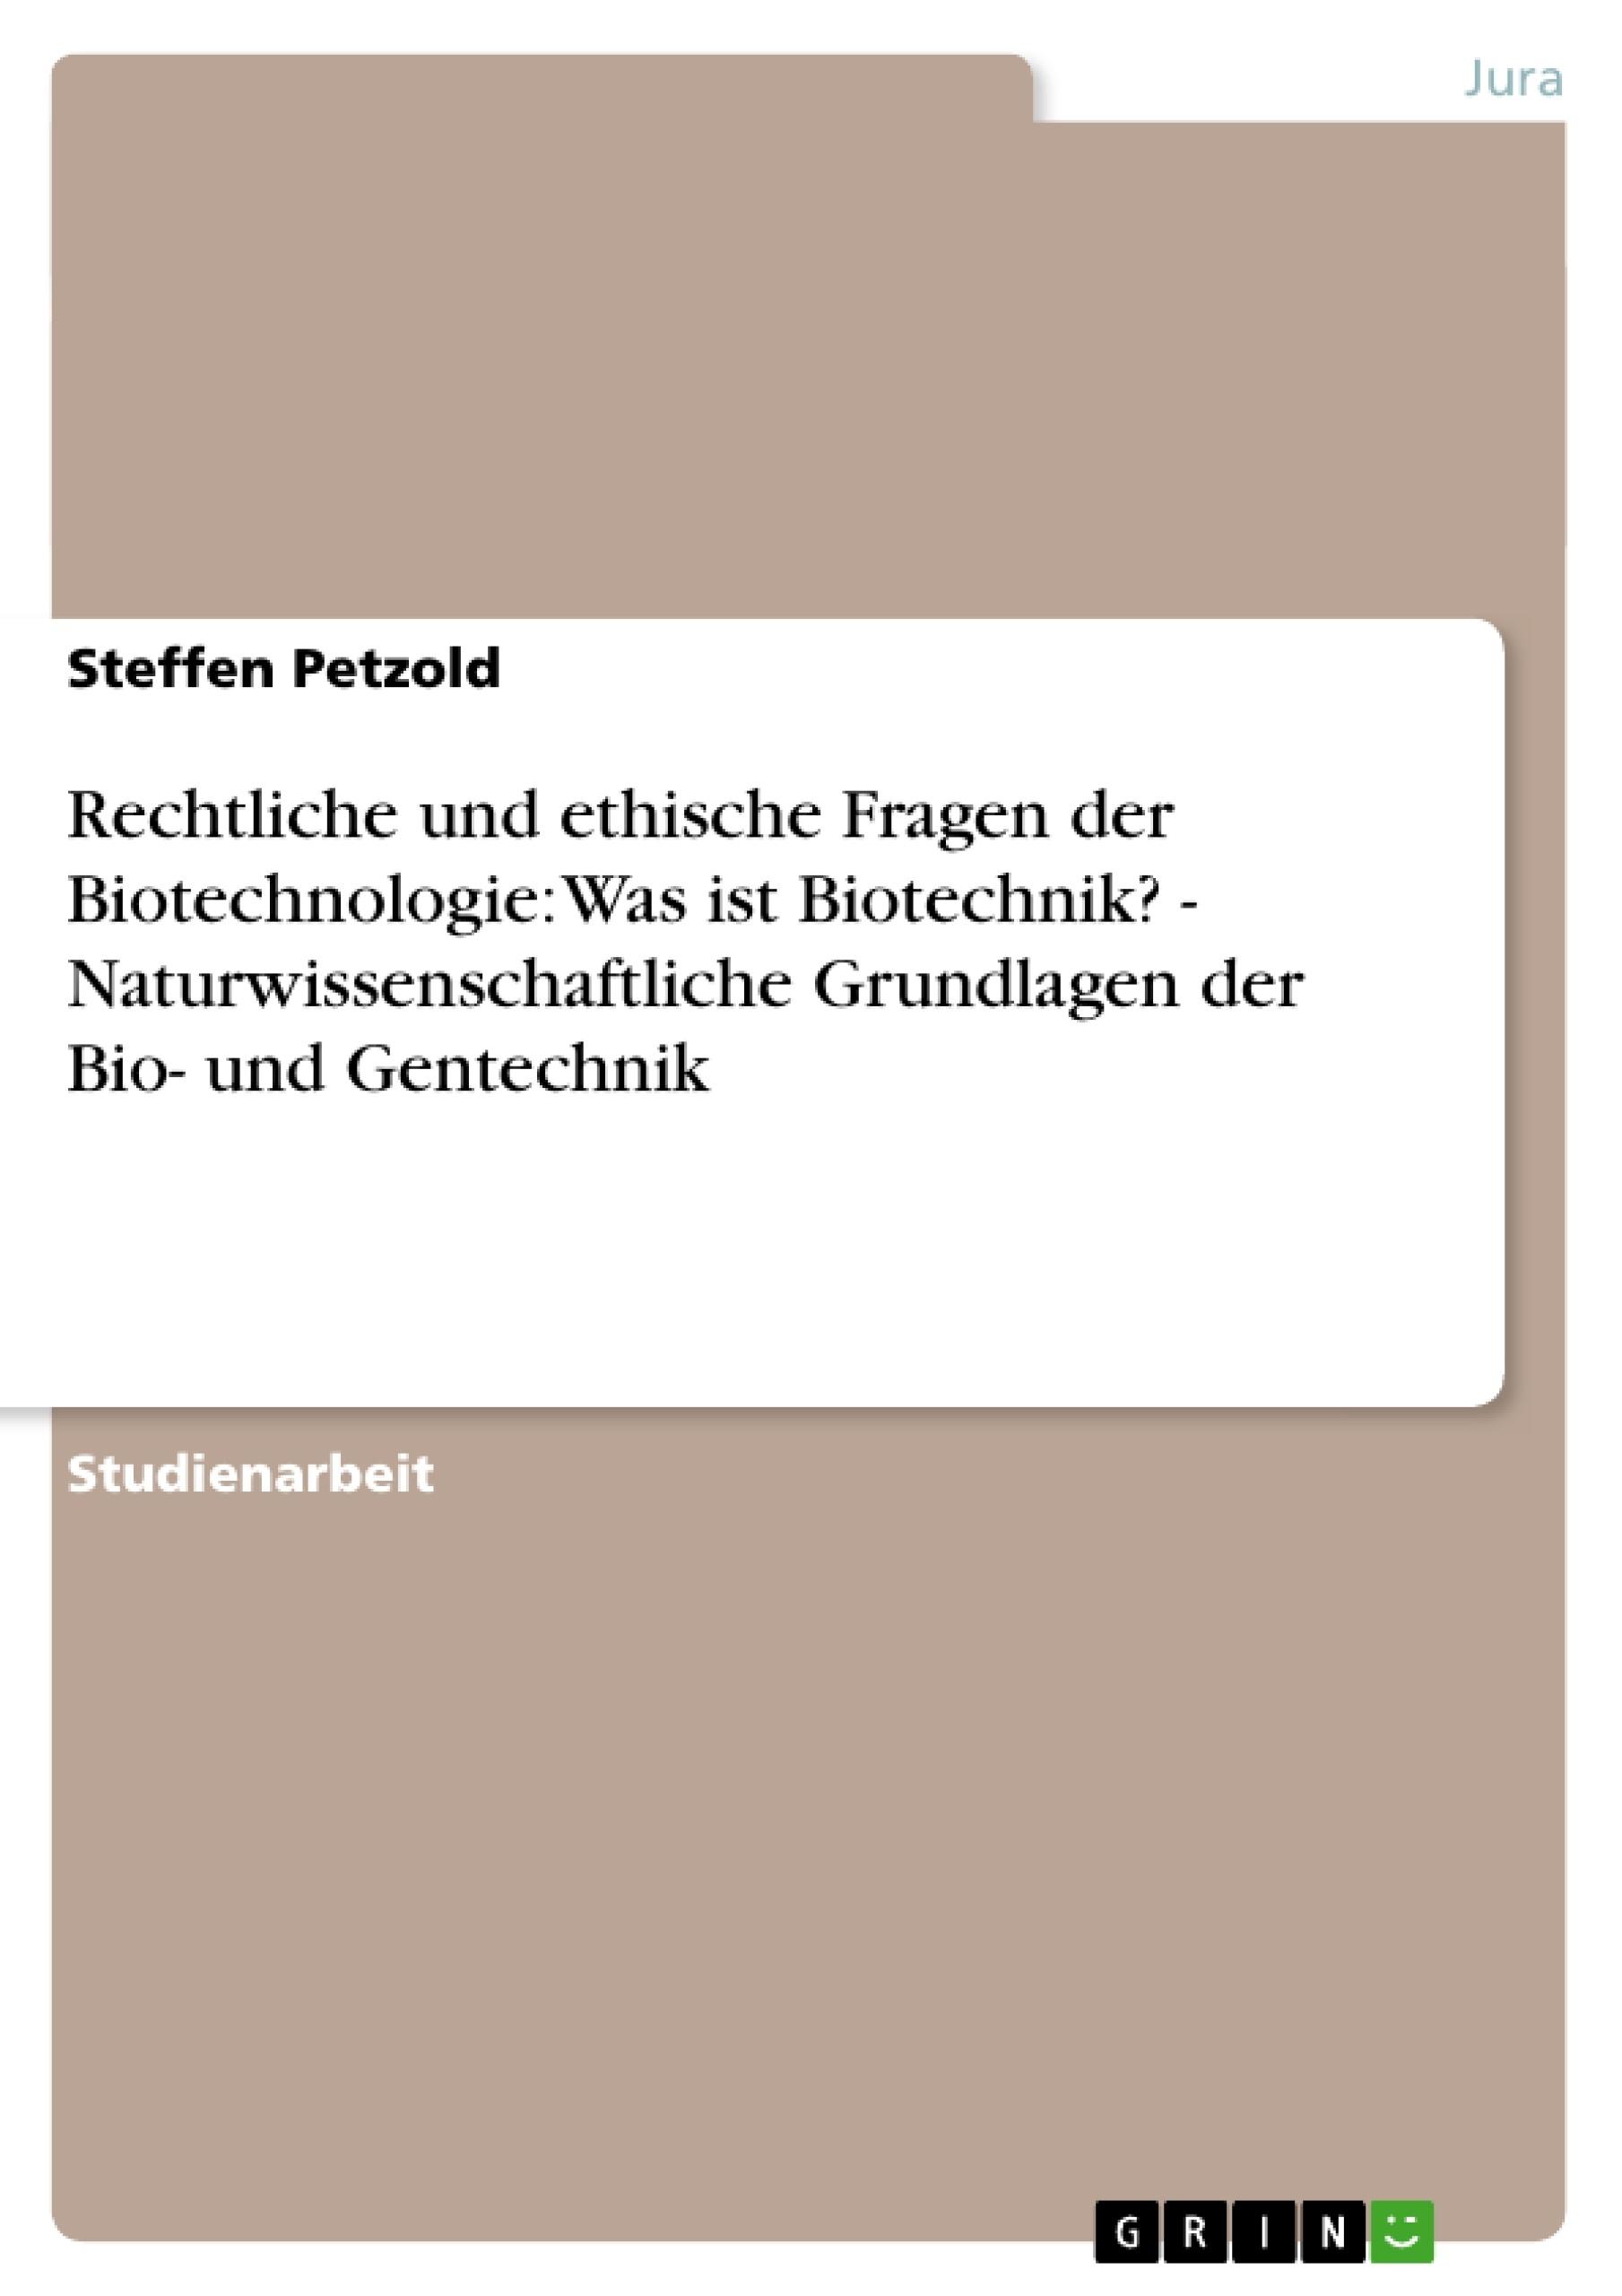 Titel: Rechtliche und ethische Fragen der Biotechnologie: Was ist Biotechnik? - Naturwissenschaftliche Grundlagen der Bio- und Gentechnik